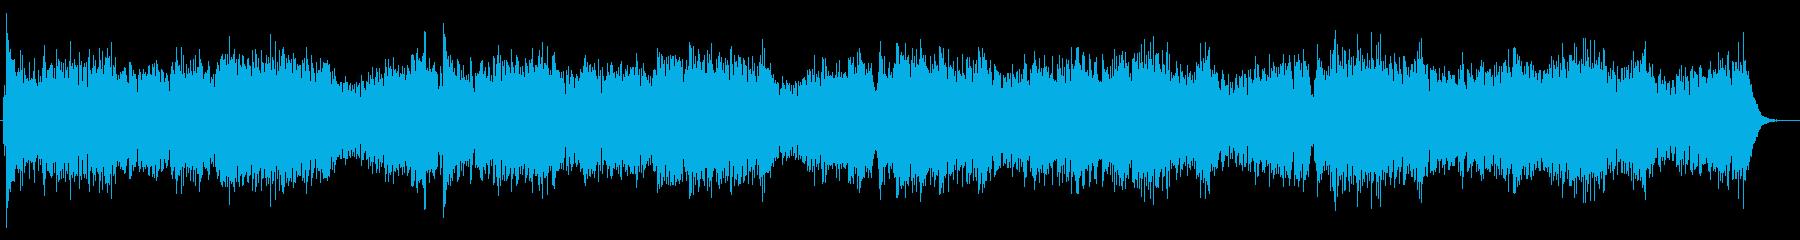 軽快で明るいピアノ曲の再生済みの波形